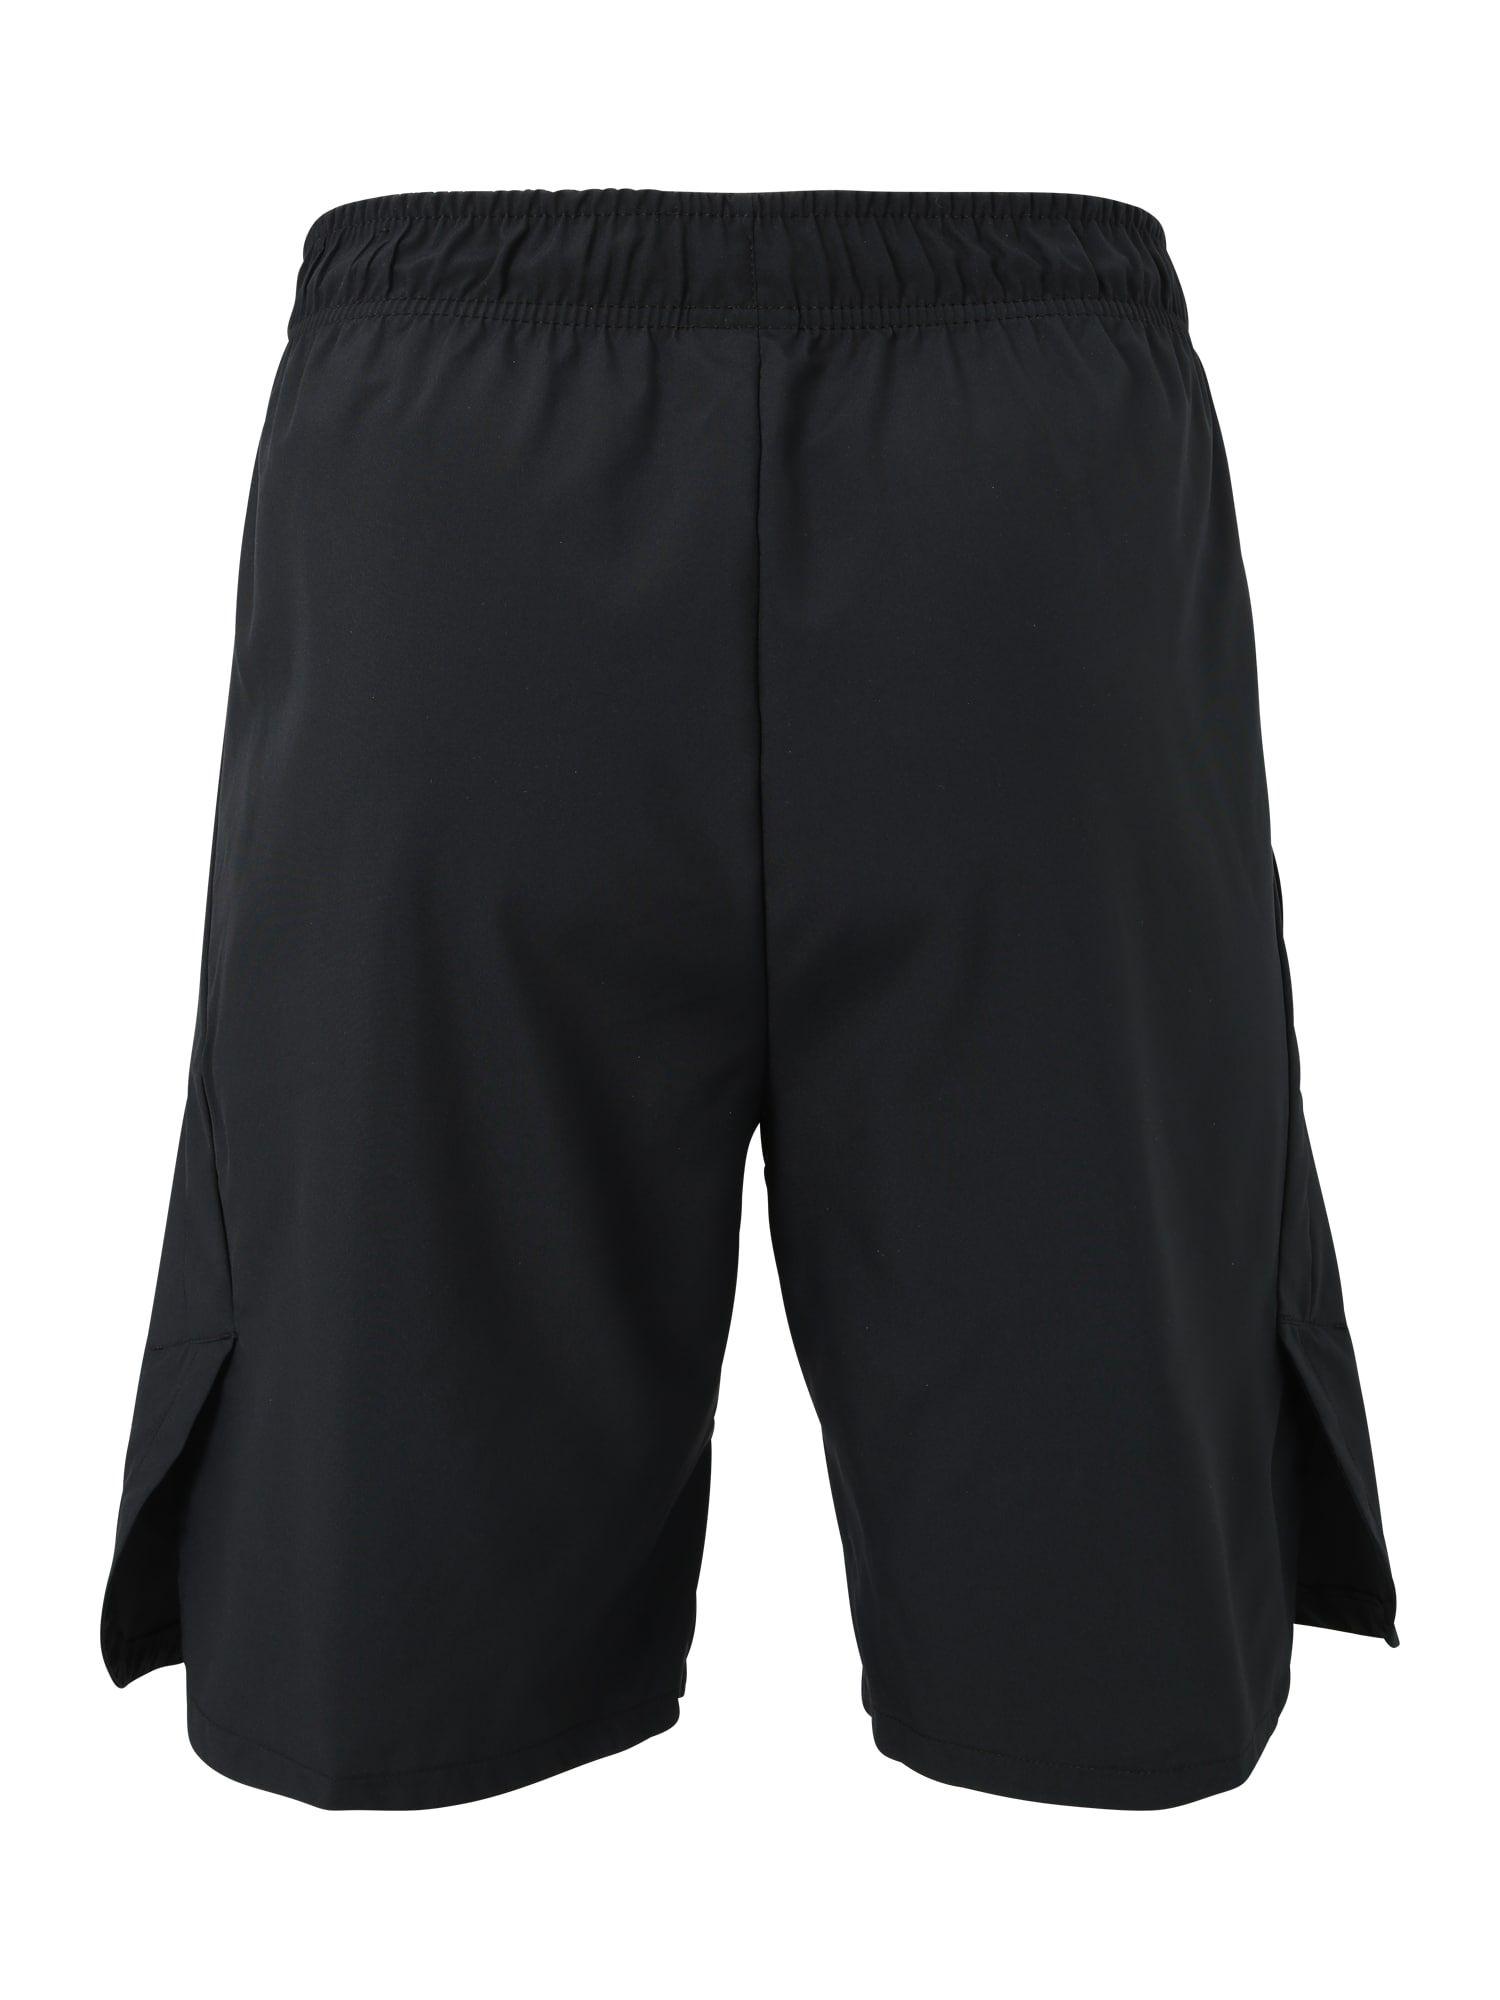 Nike Shorts Nike Flex Herren Schwarz Grosse Xxl Nike Shorts Nike Flex Und Nike